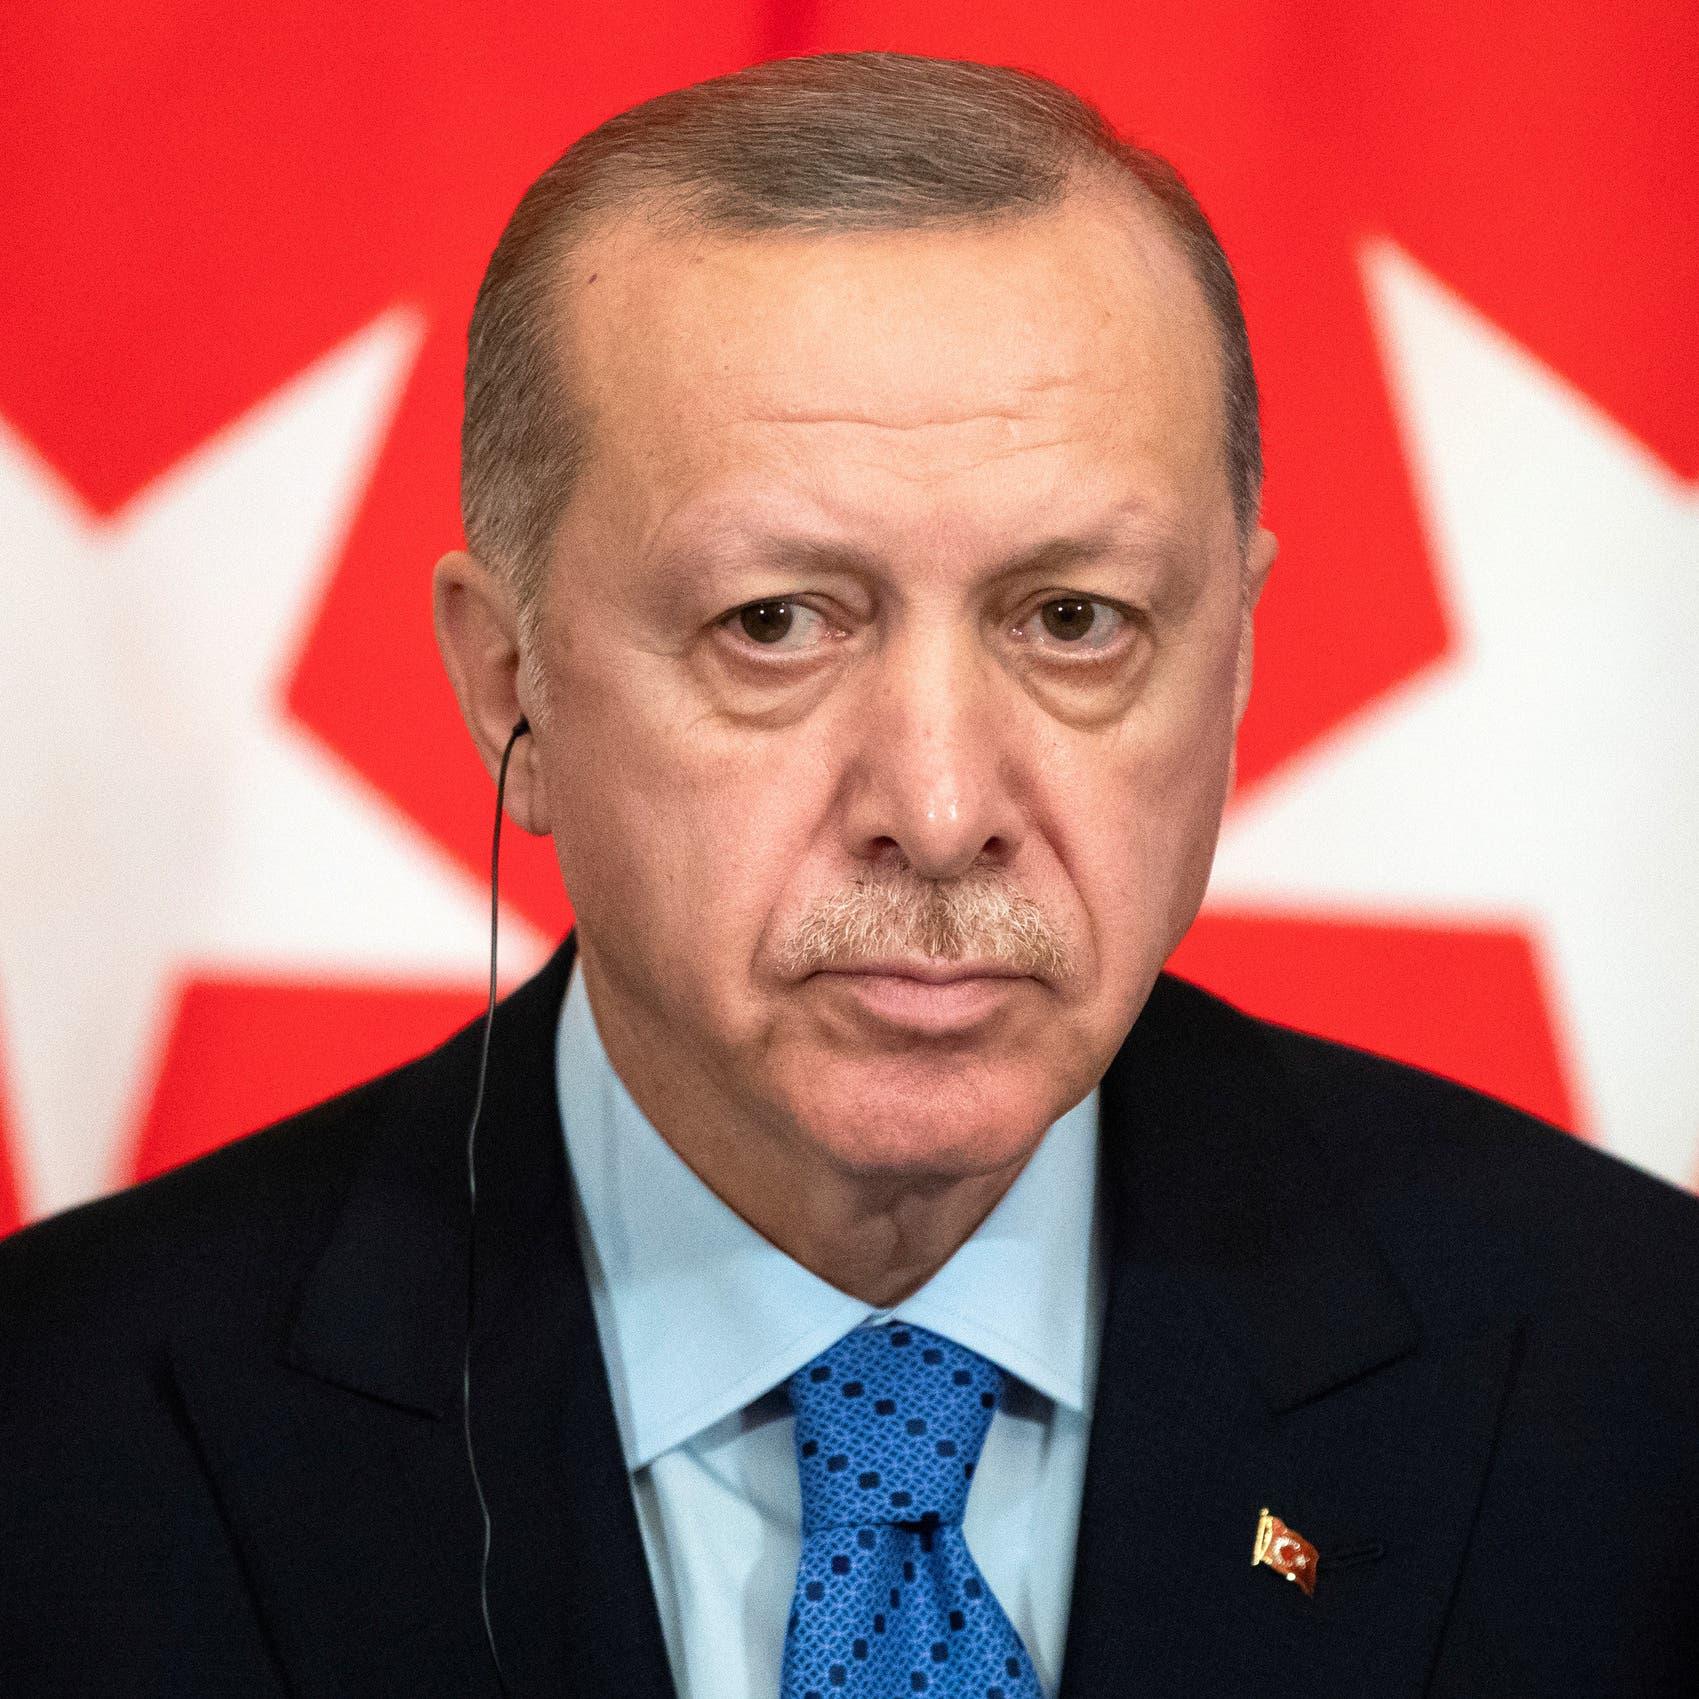 أردوغان يهدد بتصعيد عسكري في شمال سوريا